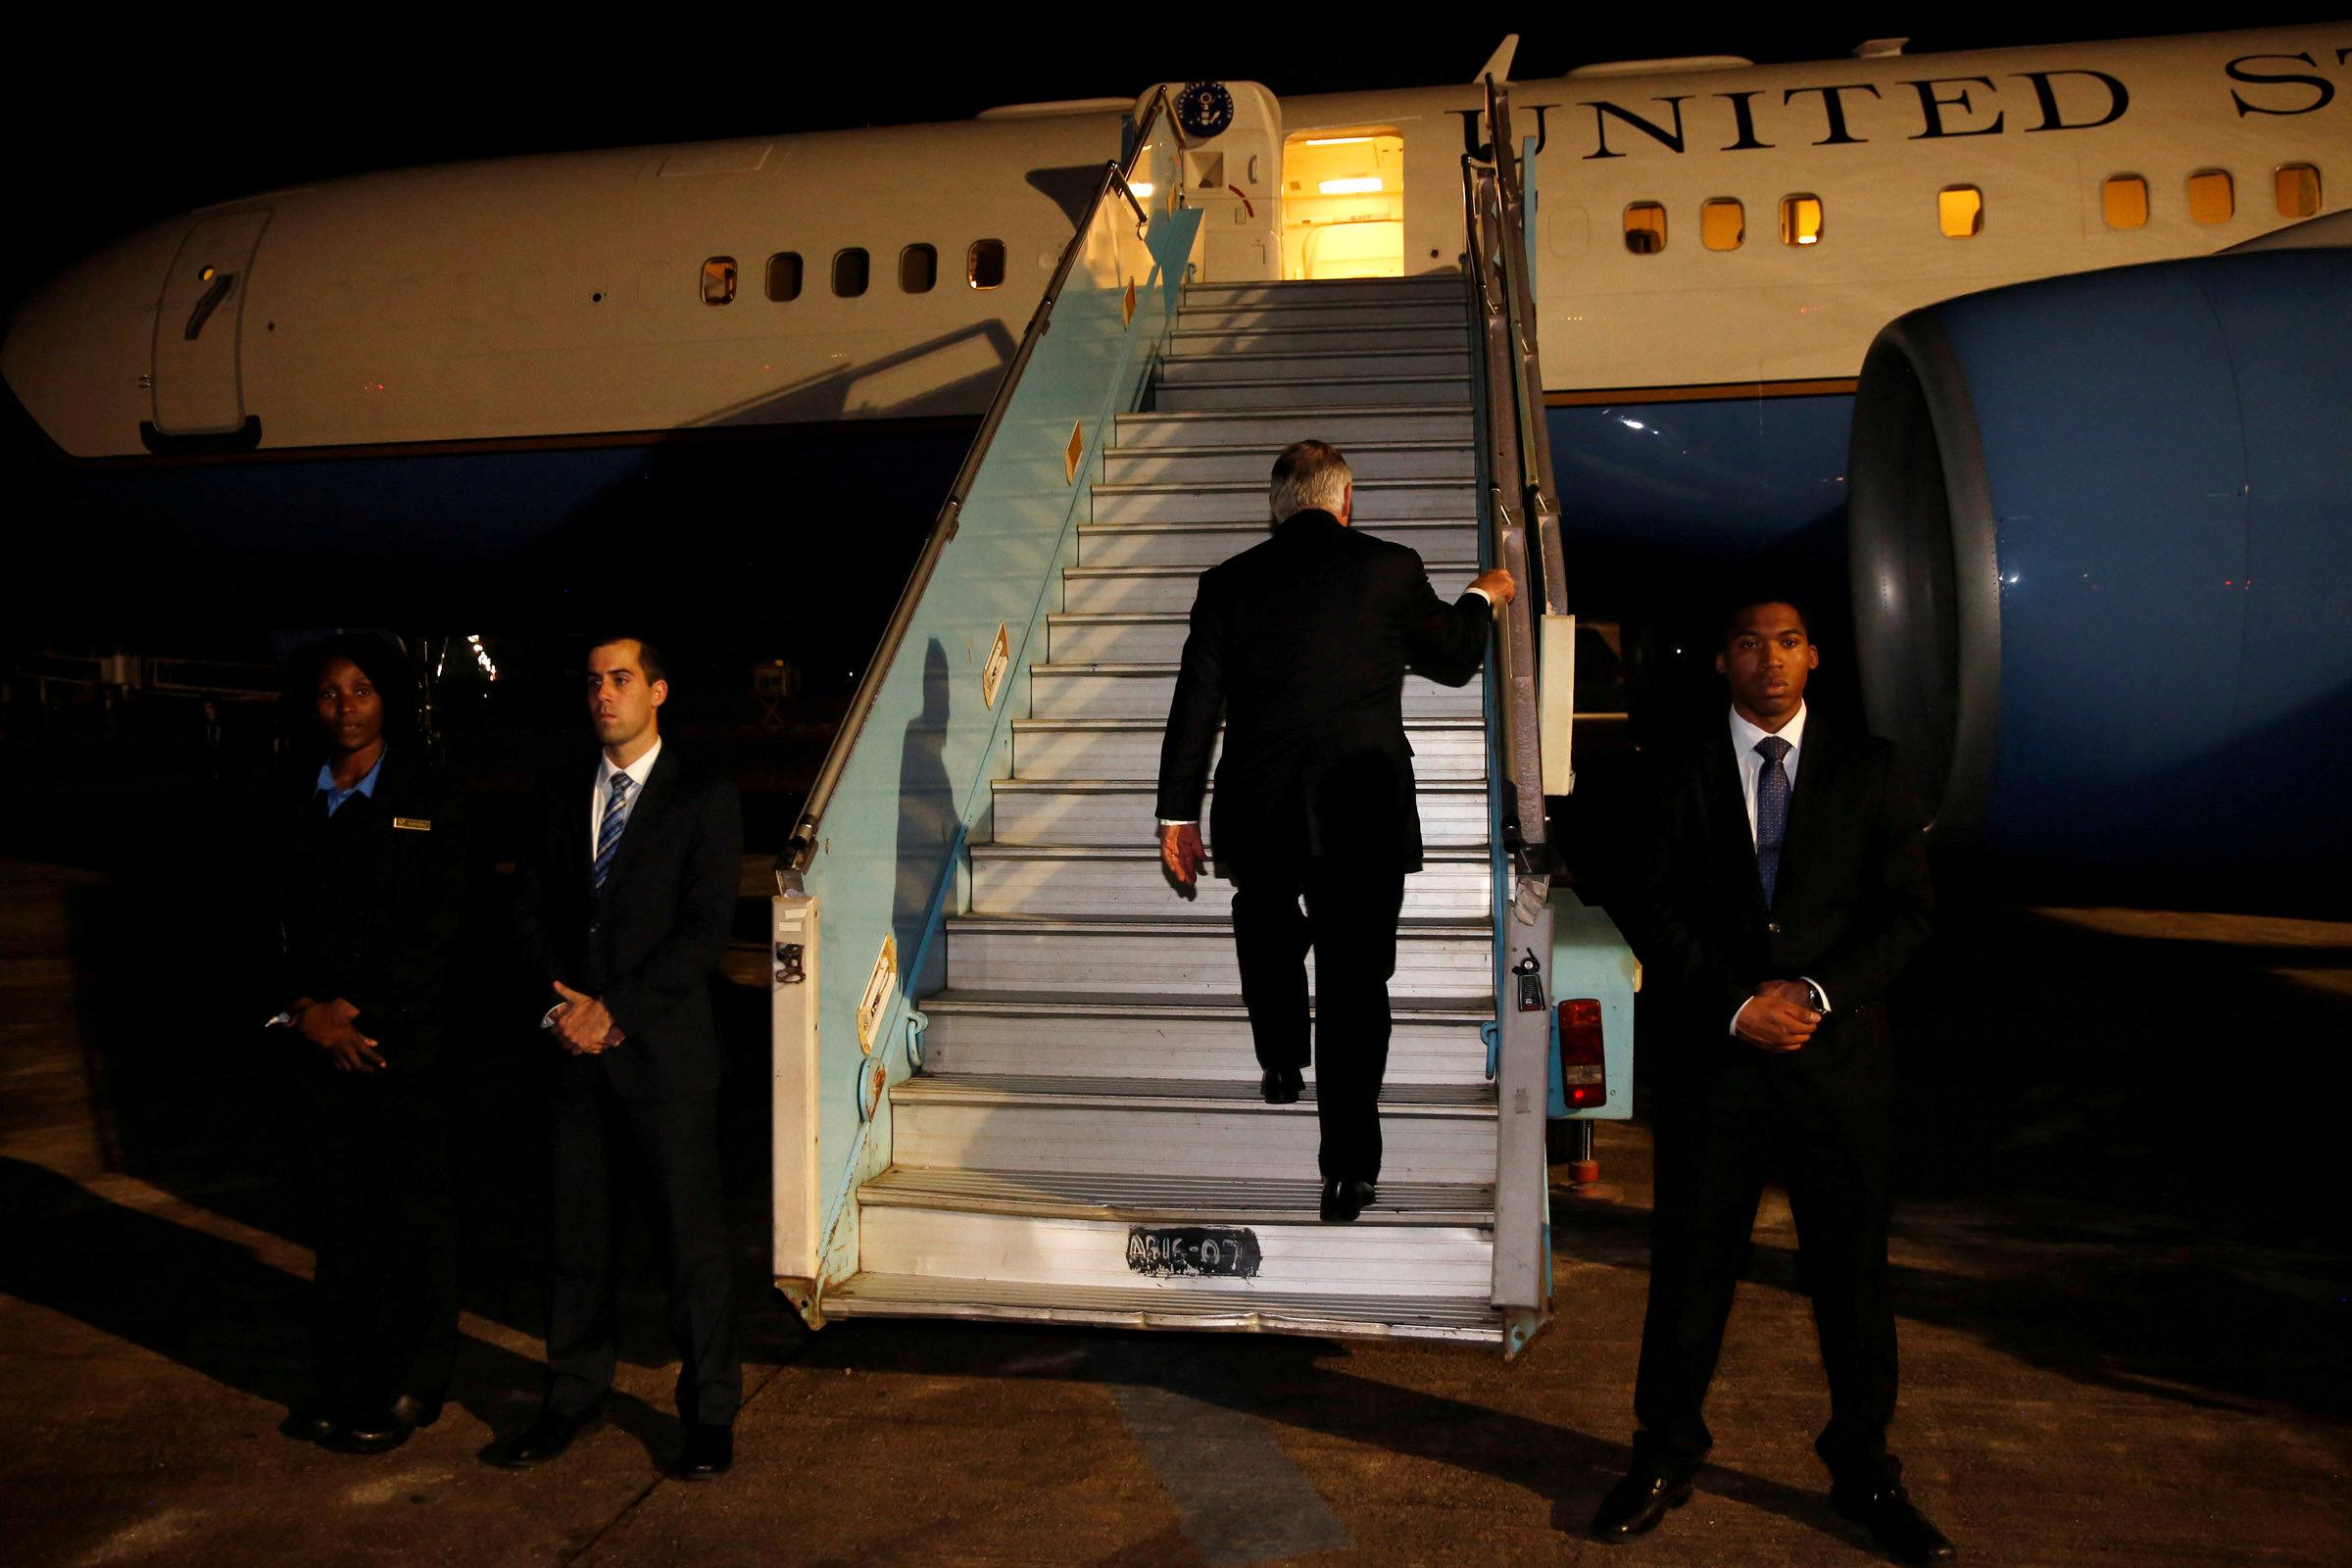 Rex Tillerson aborda el avión poniendo fin a su gira por África (Reuters)